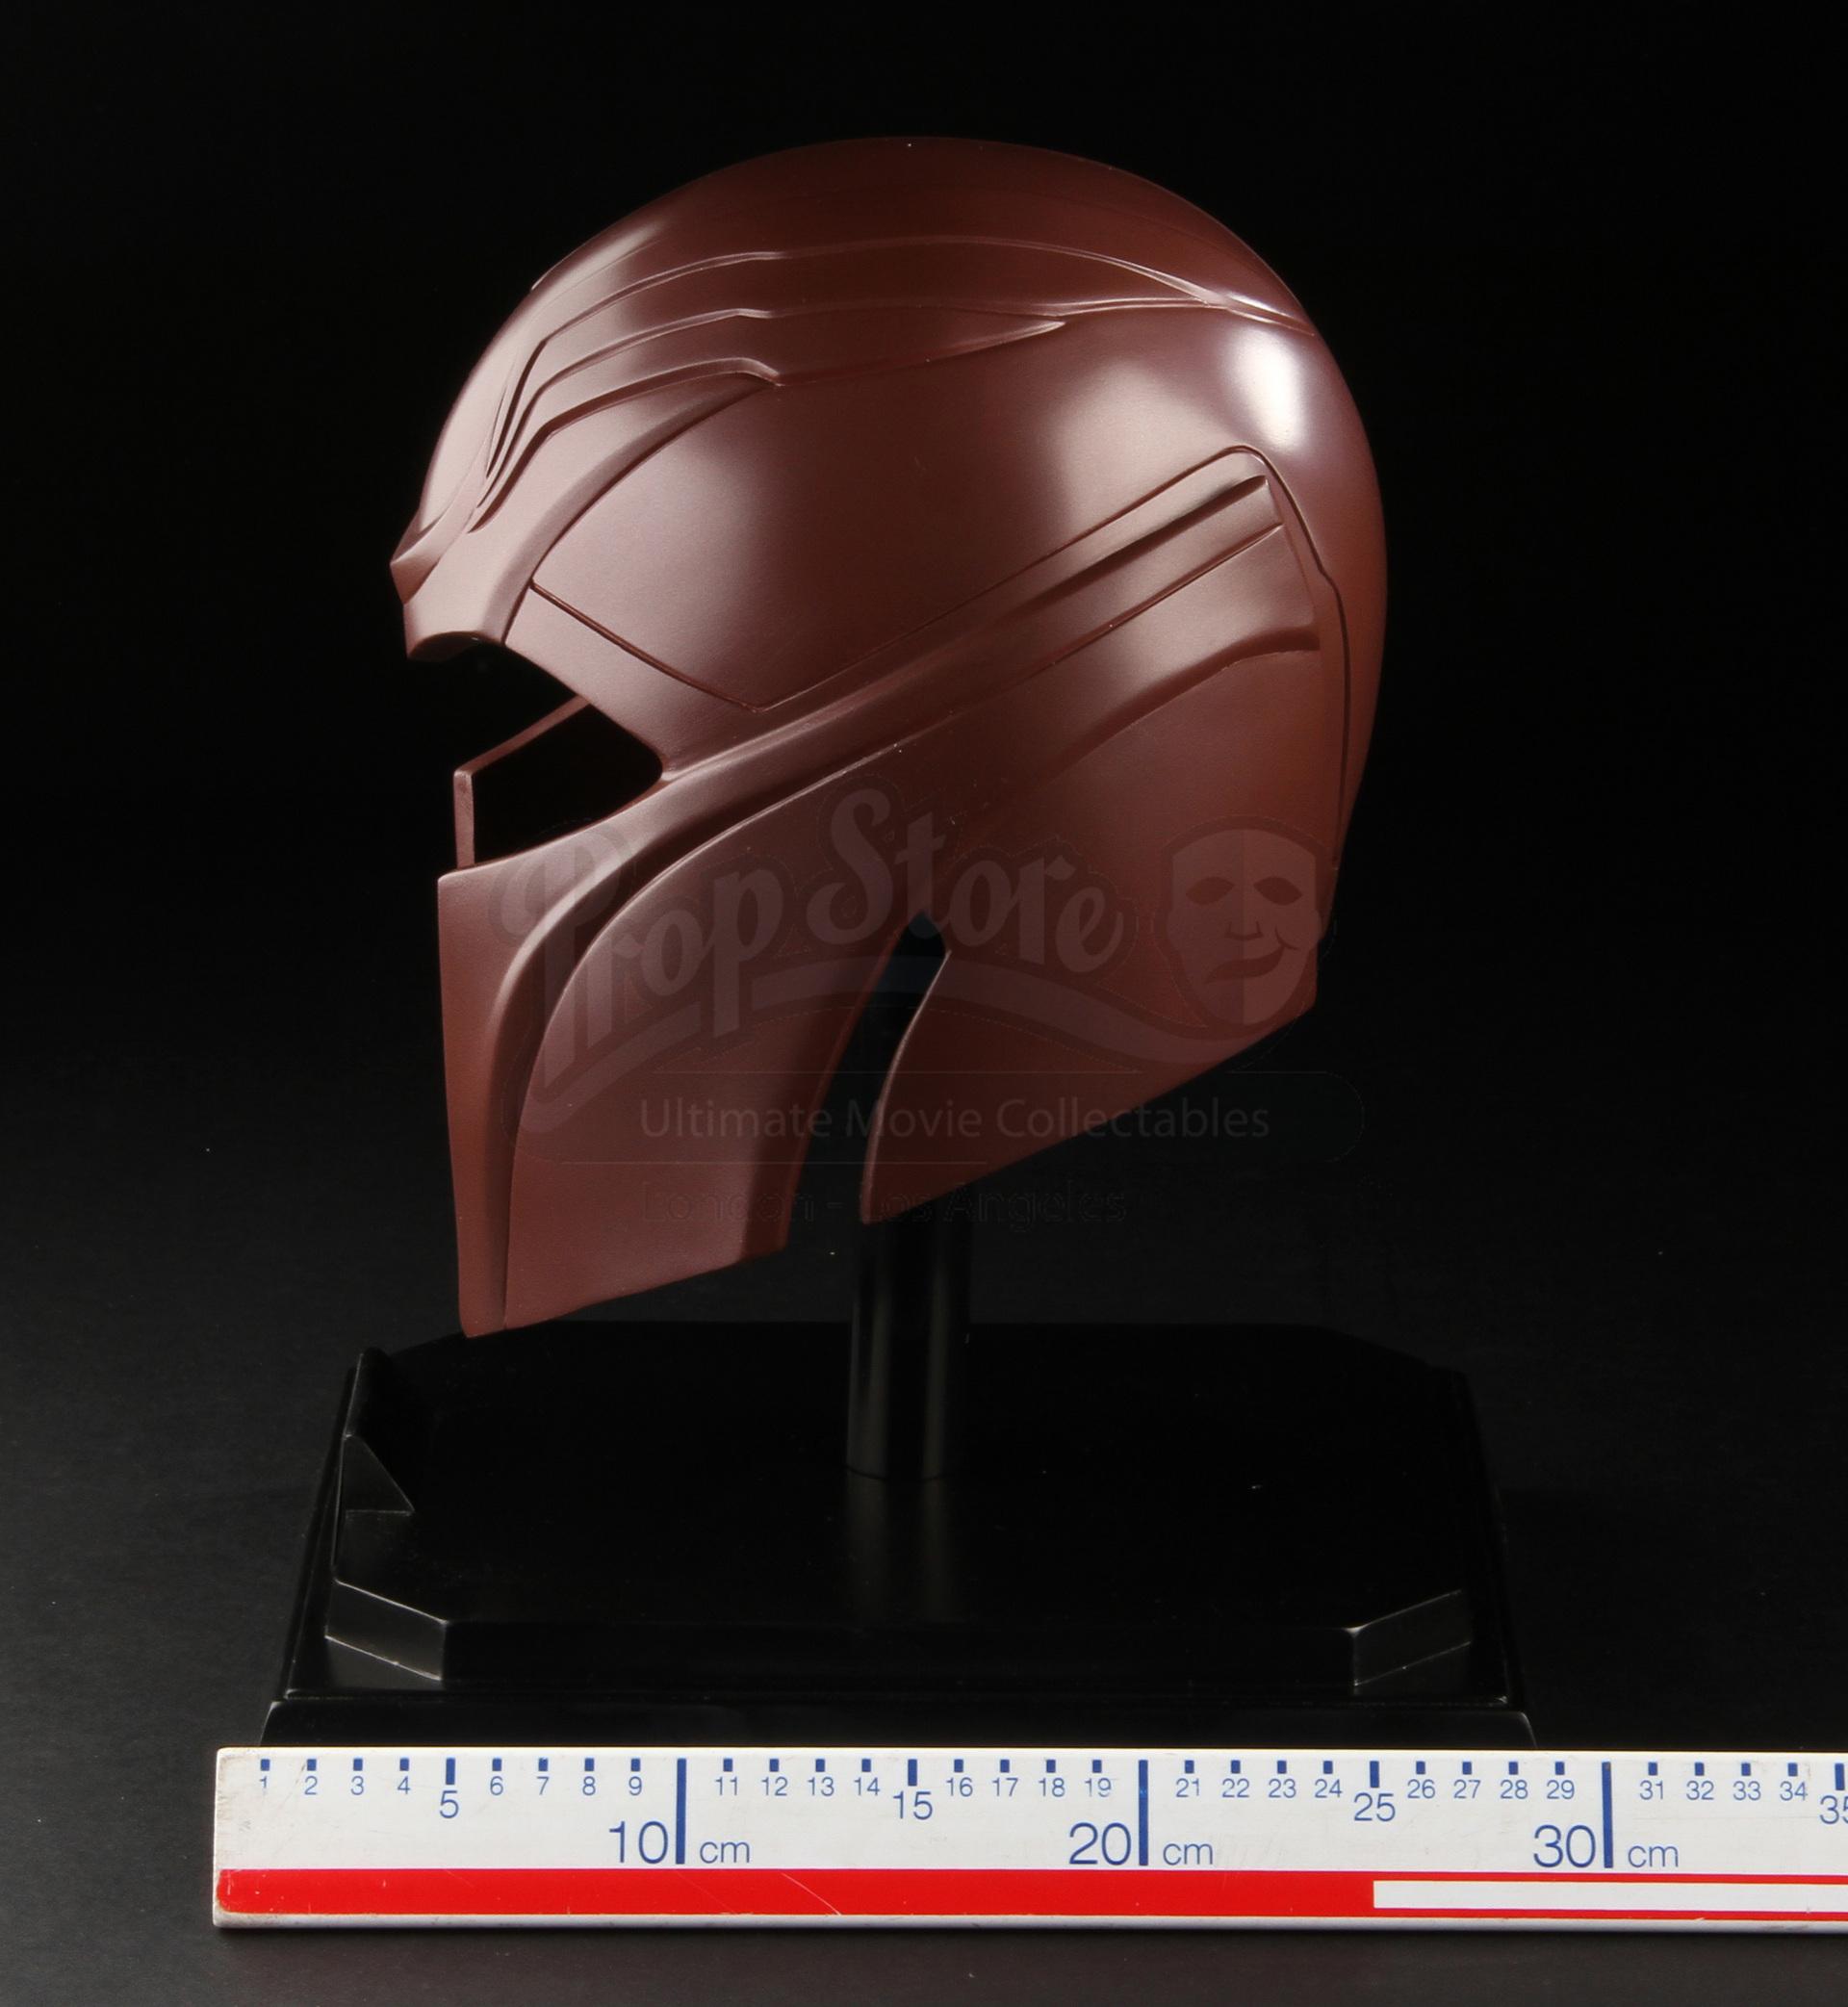 magneto helmet replica - photo #17